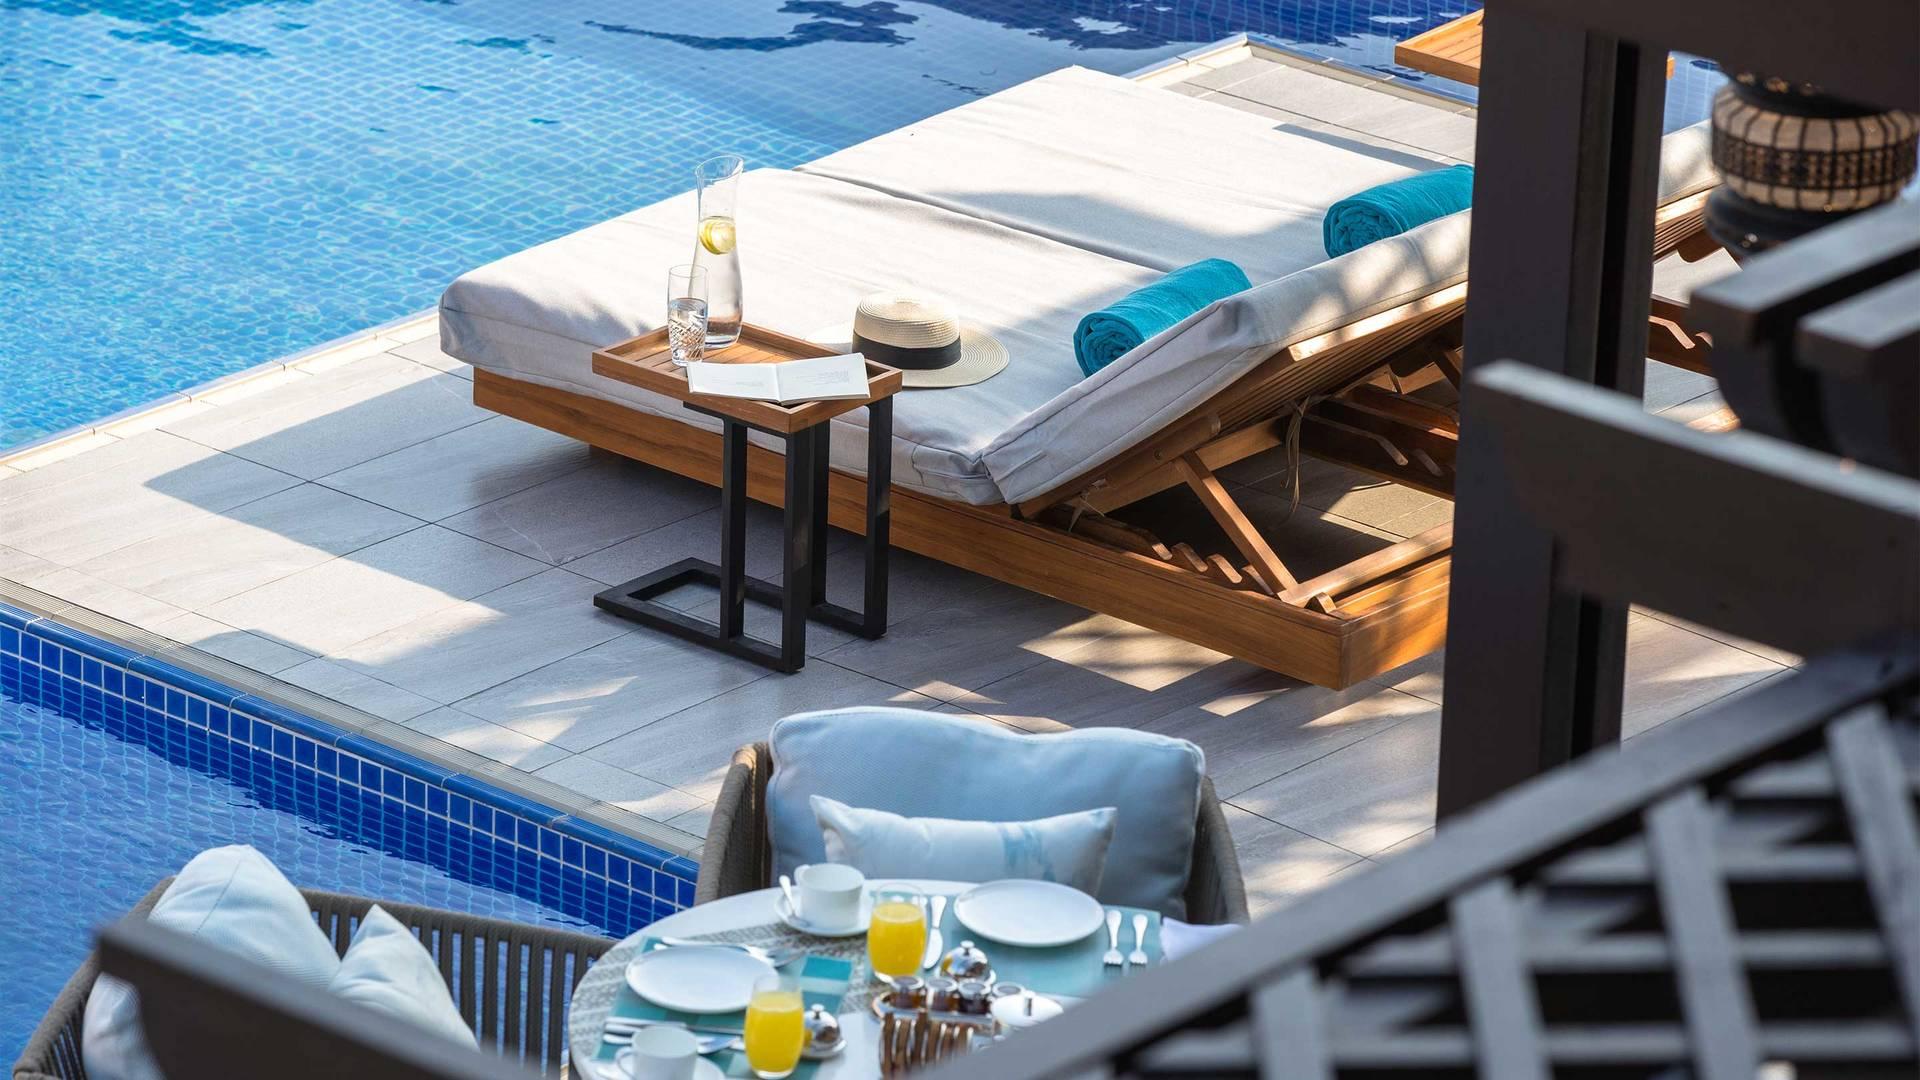 16-9_卓美亚棕榈岛皇家酒店别墅内的私人泳池